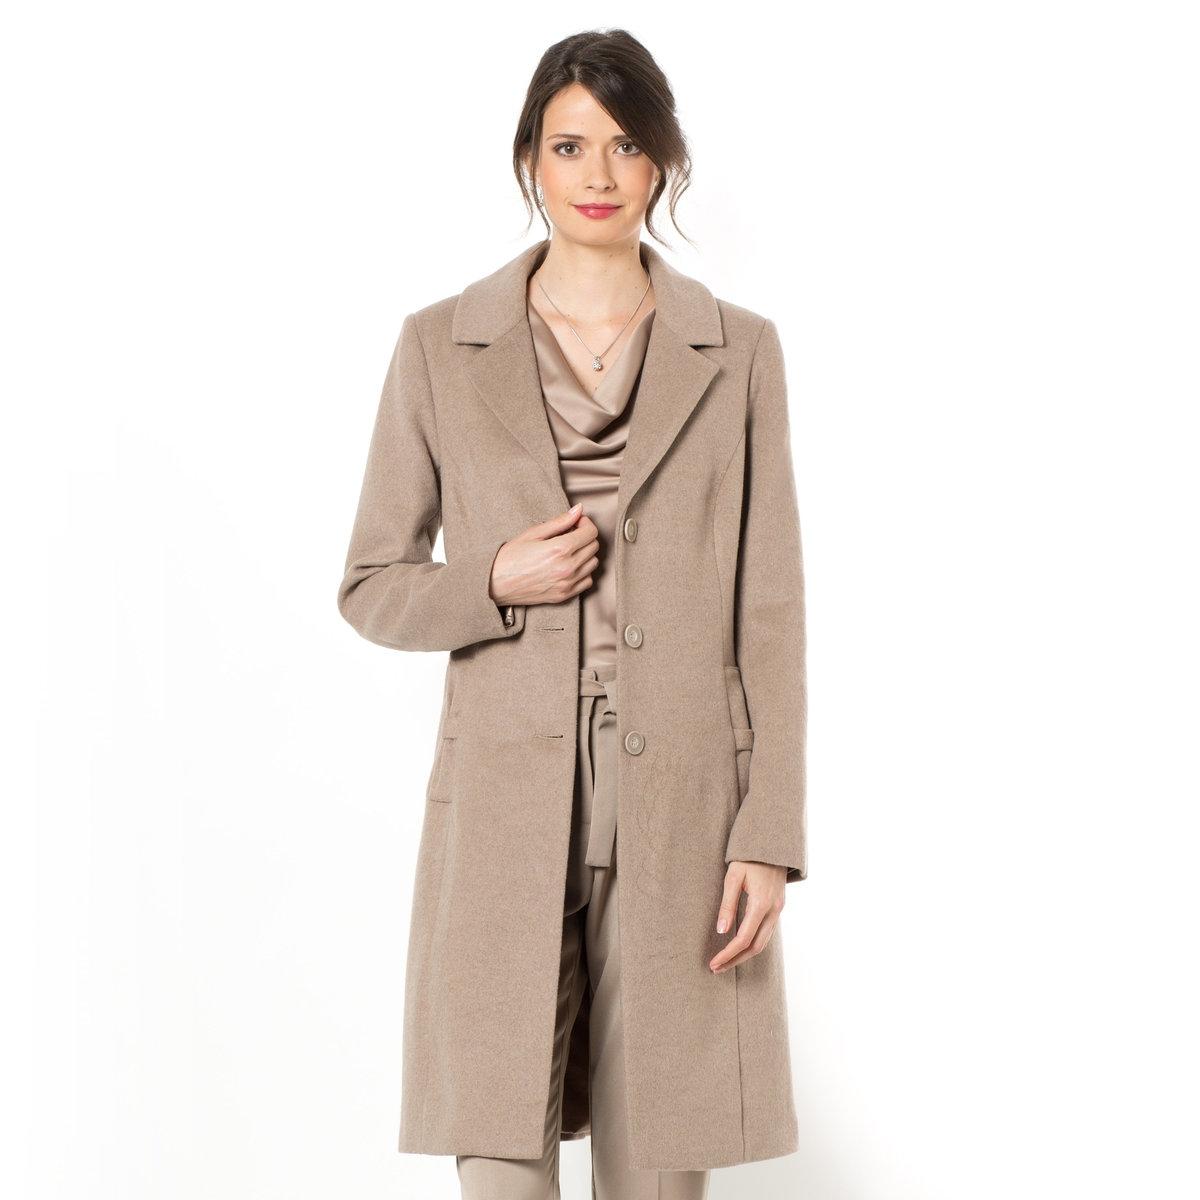 Пальто, 55% шерстиИдеальный покрой - утонченный и элегантный. Английский воротник. Женственность линий создается выточками спереди и сзади. Длинные рукава с плечиками. Карманы с оригинальными бантами. Оригинальный бант по середине спины. Длина 94 см. Подкладка из полиэстерного атласа. Шерстяной драп, 55% шерсти, 30% полиэстера, 10% вискозы, 5% других волокон.<br><br>Цвет: розовая пудра,серо-коричневый каштан<br>Размер: 50 (FR) - 56 (RUS).44 (FR) - 50 (RUS)